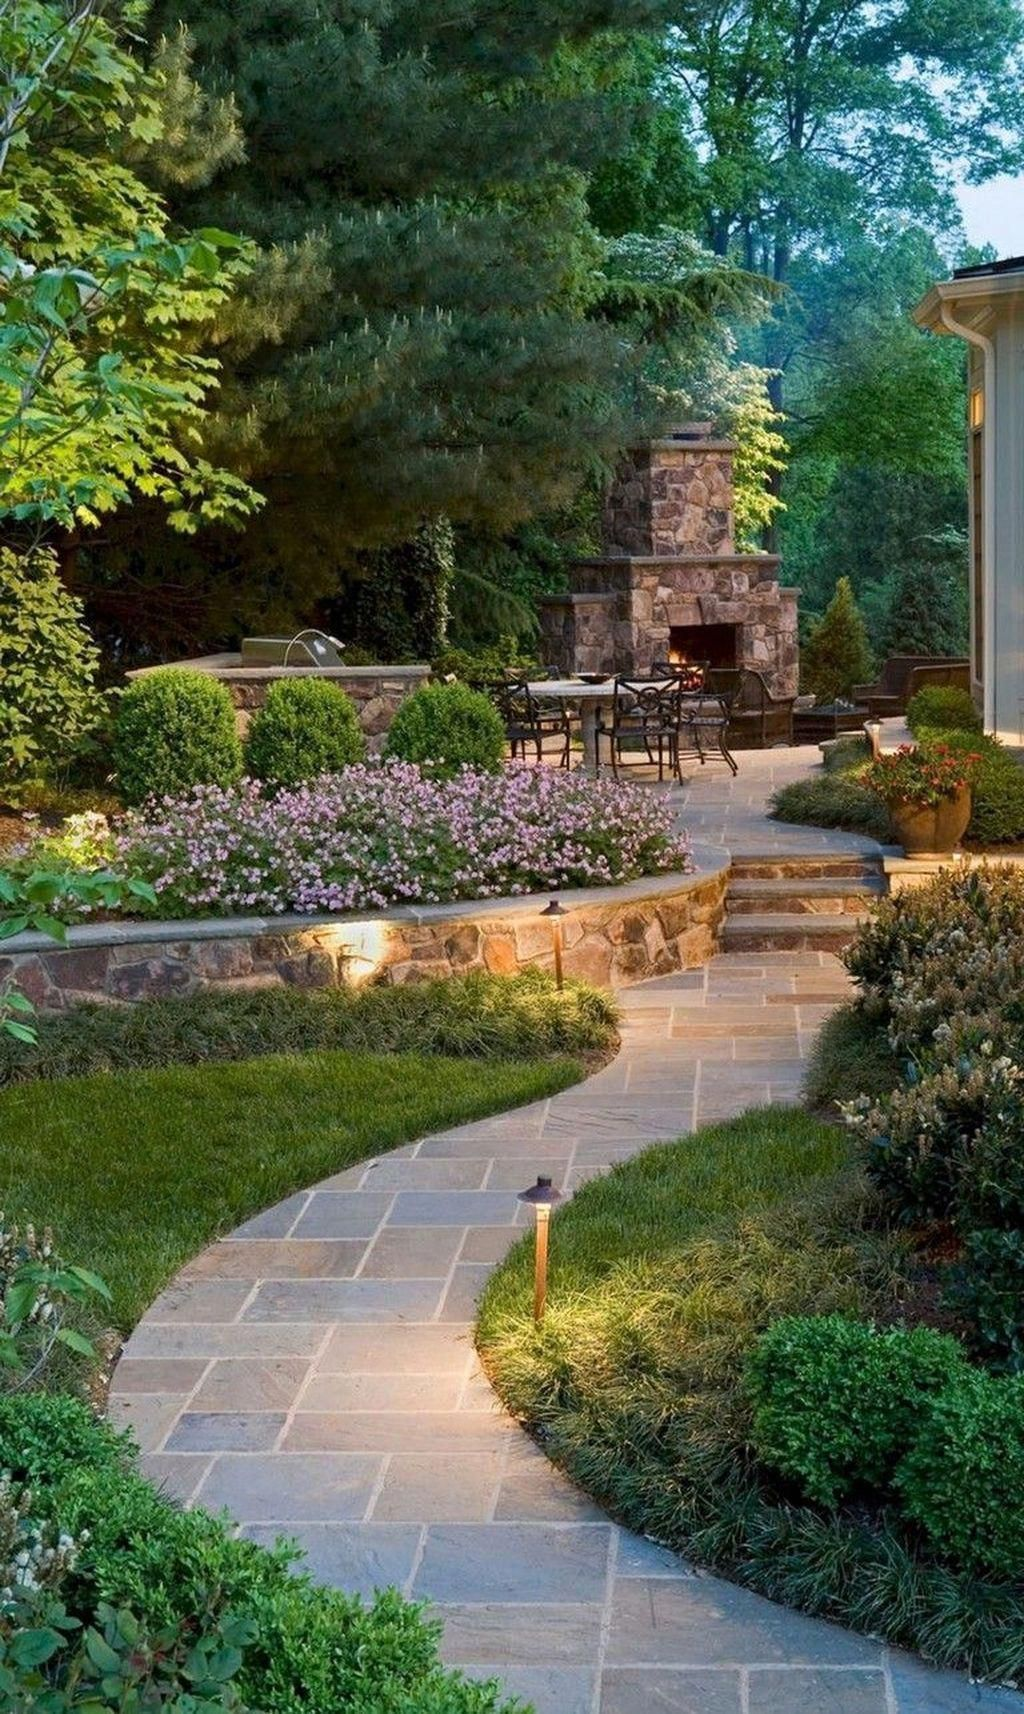 31 Unique Garden Fence Decoration Ideas To Brighten Your Yard In